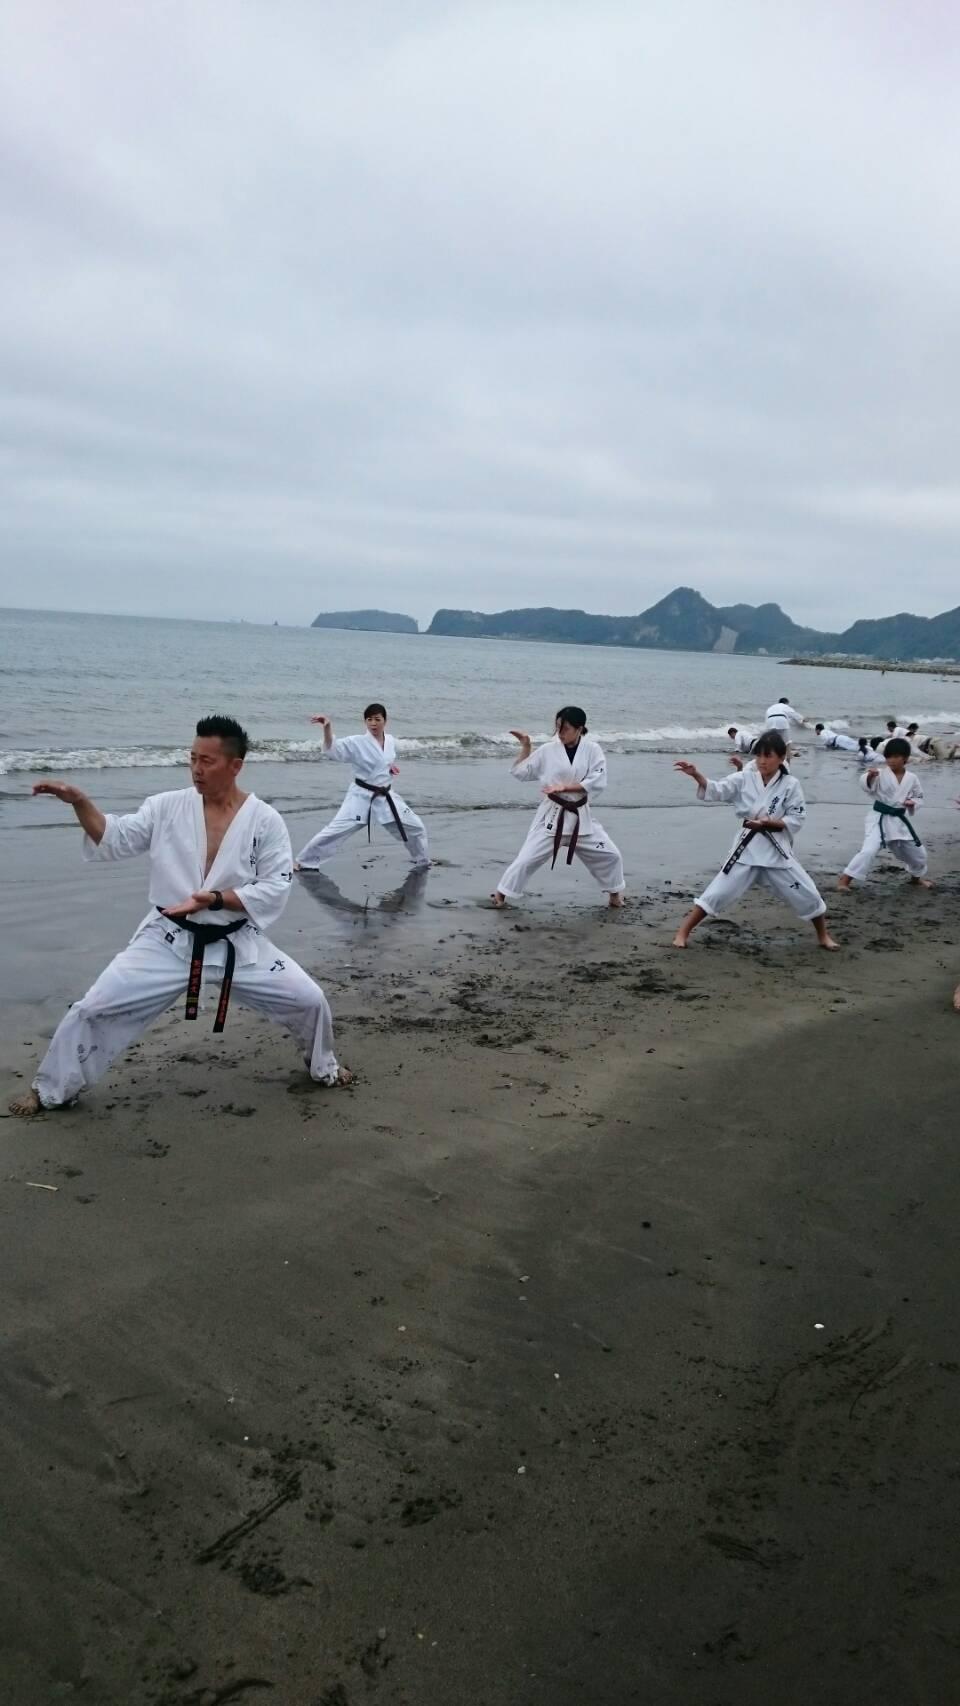 http://www.kyokushin-chibaminami.com/images/1473062247719.jpg